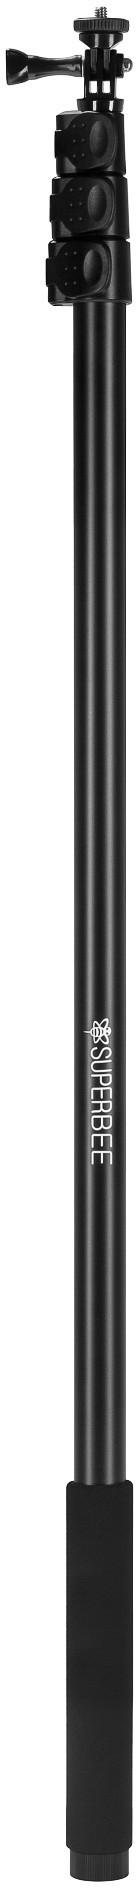 Superbee Superbee Ramię teleskopowe SUPERBEE GEP300 300 cm) Czarny